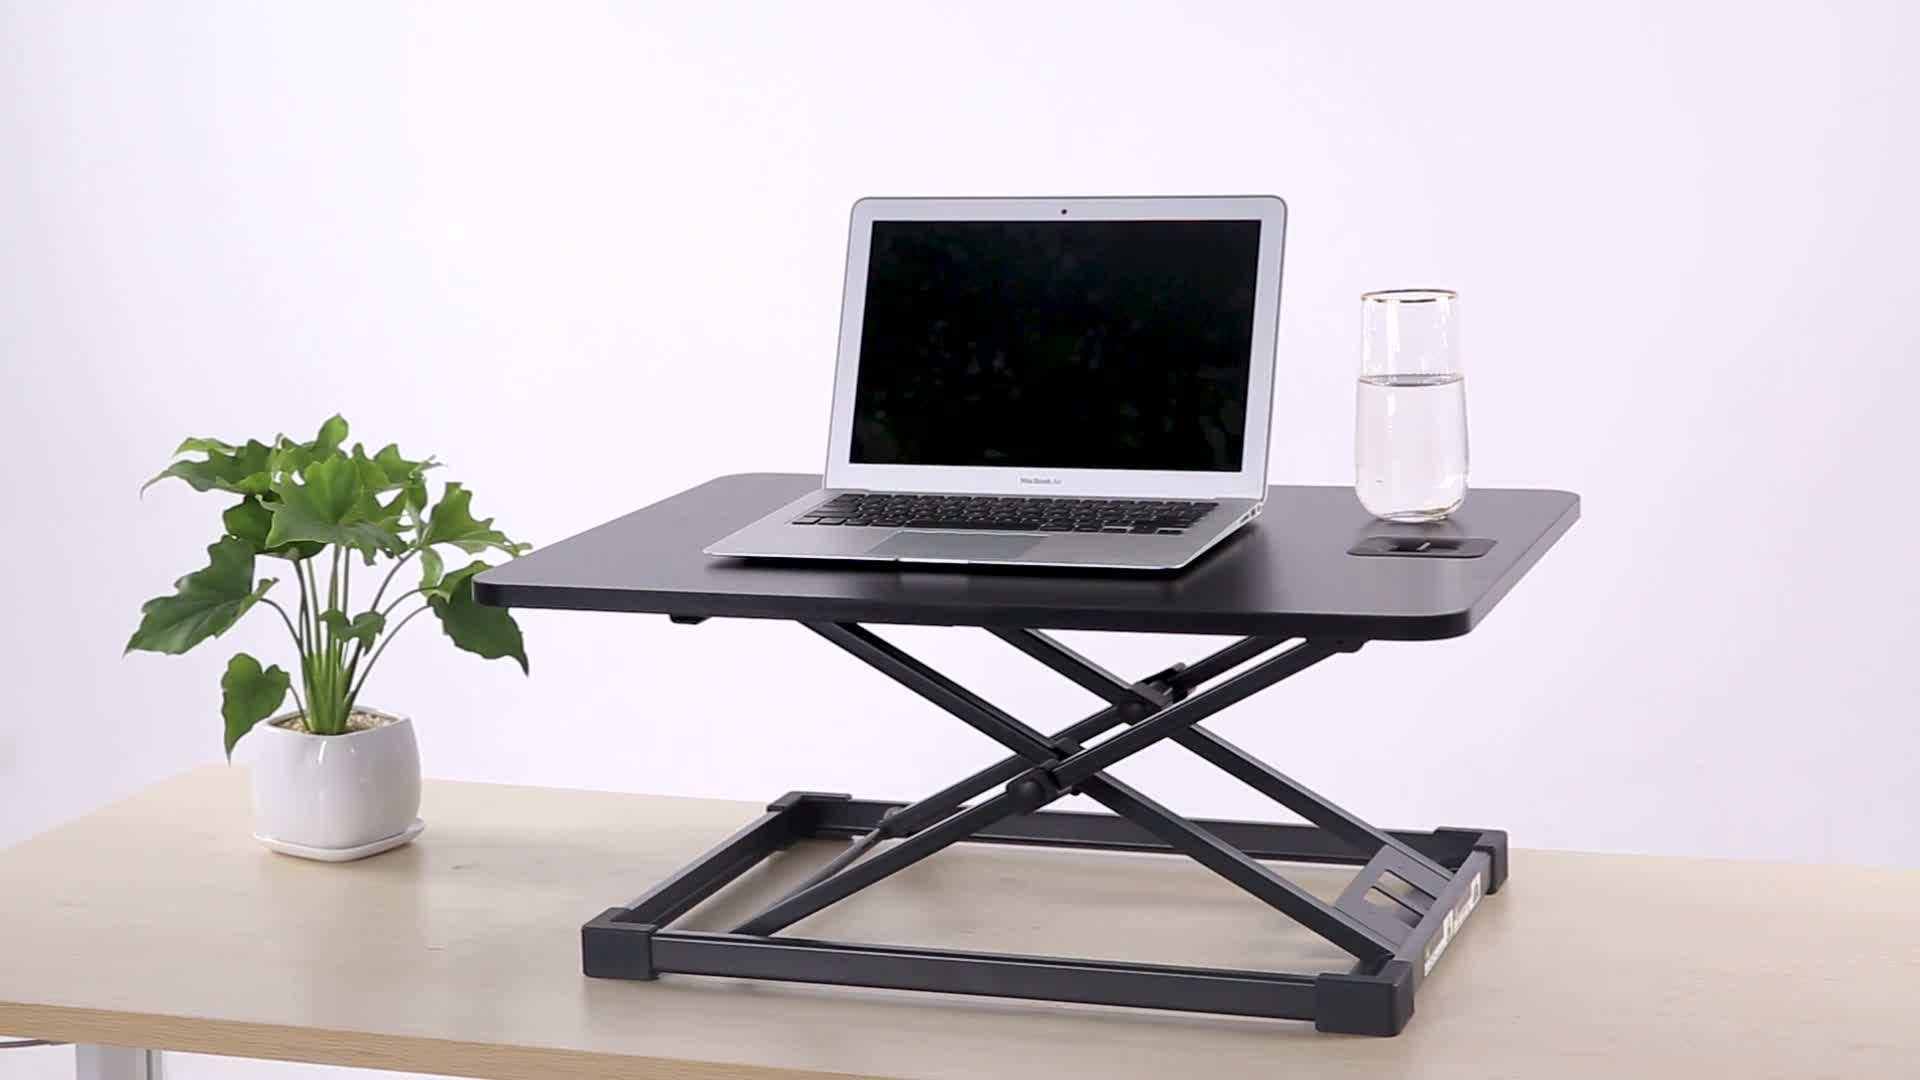 ความสูงปรับขาตั้งแล็ปท็อปพับโต๊ะคอมพิวเตอร์โต๊ะสีขาว